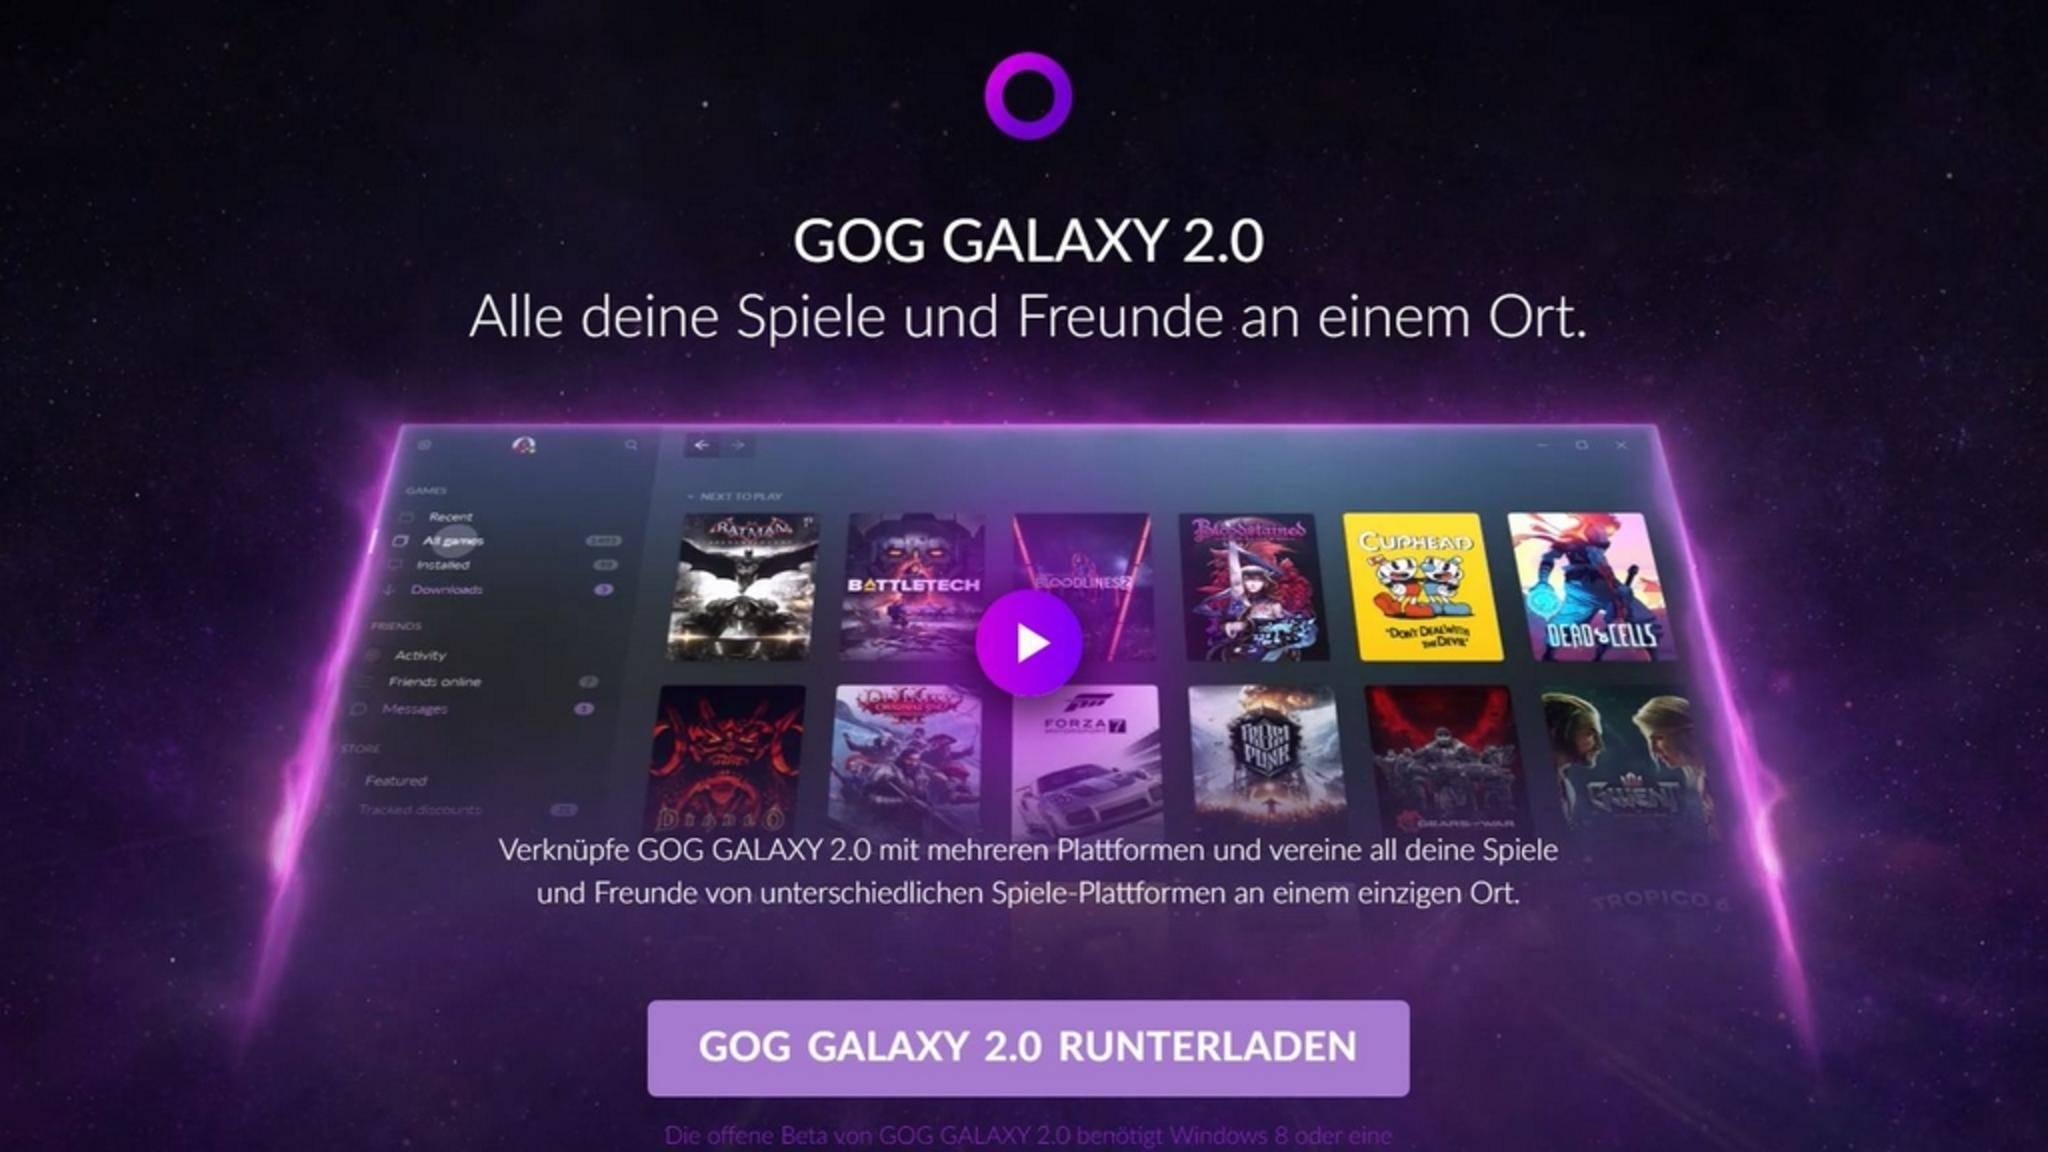 GOG tritt an, alle Spiele-Launcher unter einem Dach zu vereinen.